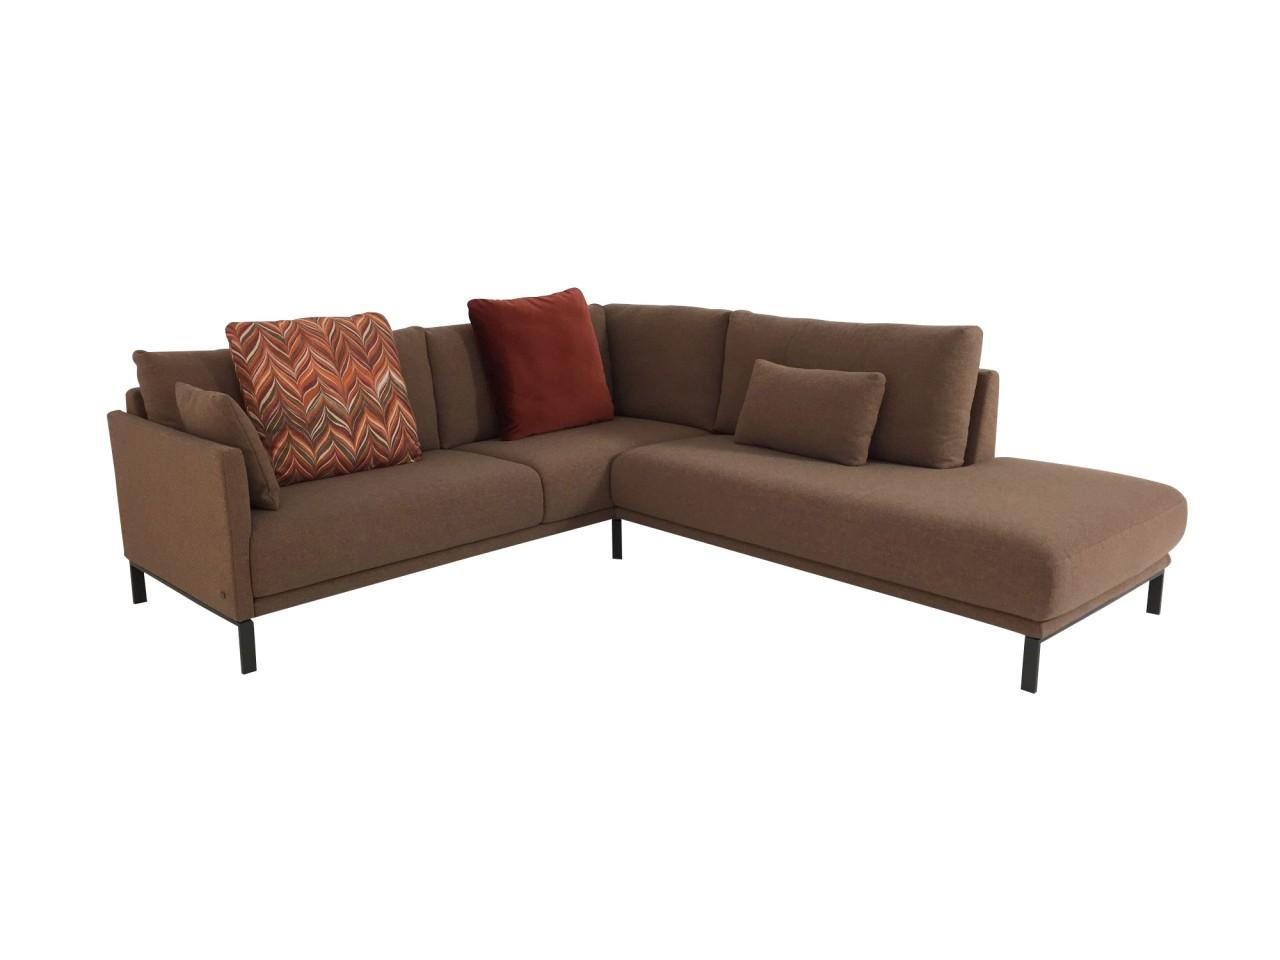 rolf benz cara ecksofa in stoff beige orange mit kompletter ausstattung an funktionen und kissen. Black Bedroom Furniture Sets. Home Design Ideas